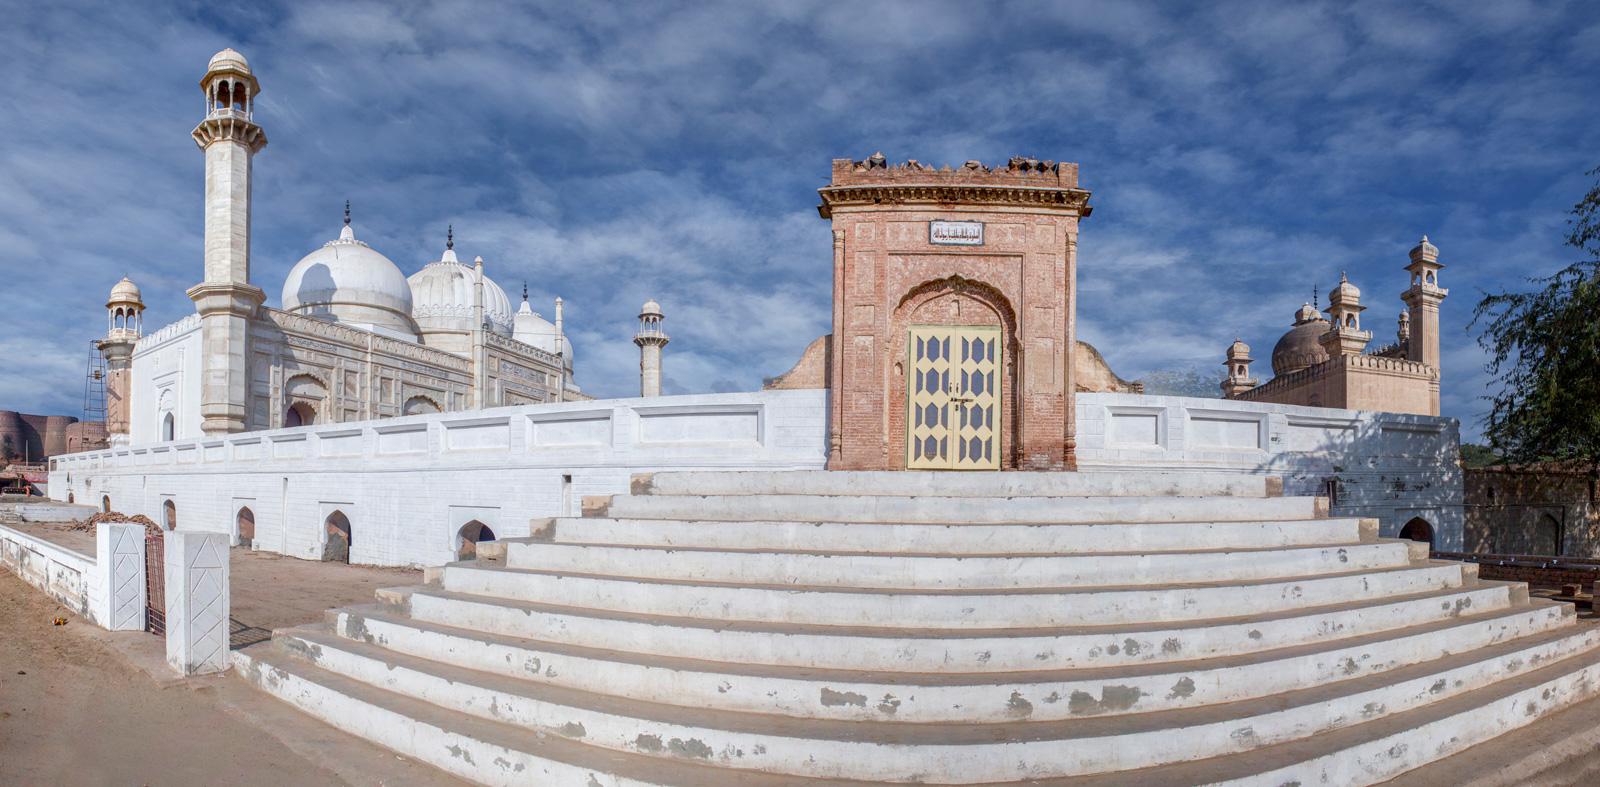 Abbassi Mosque